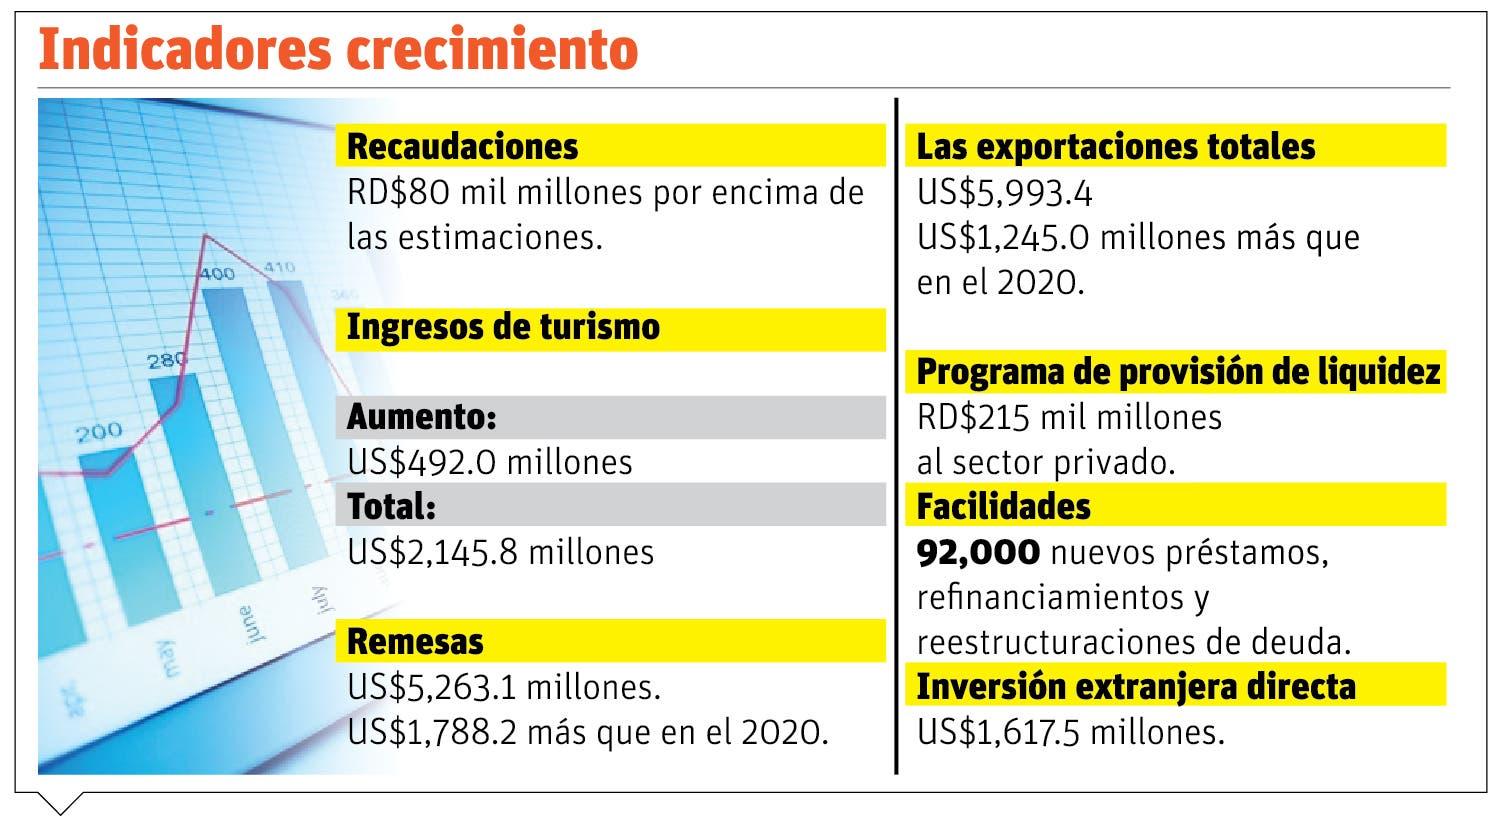 La economía crece 13.3%  en primer semestre 2021